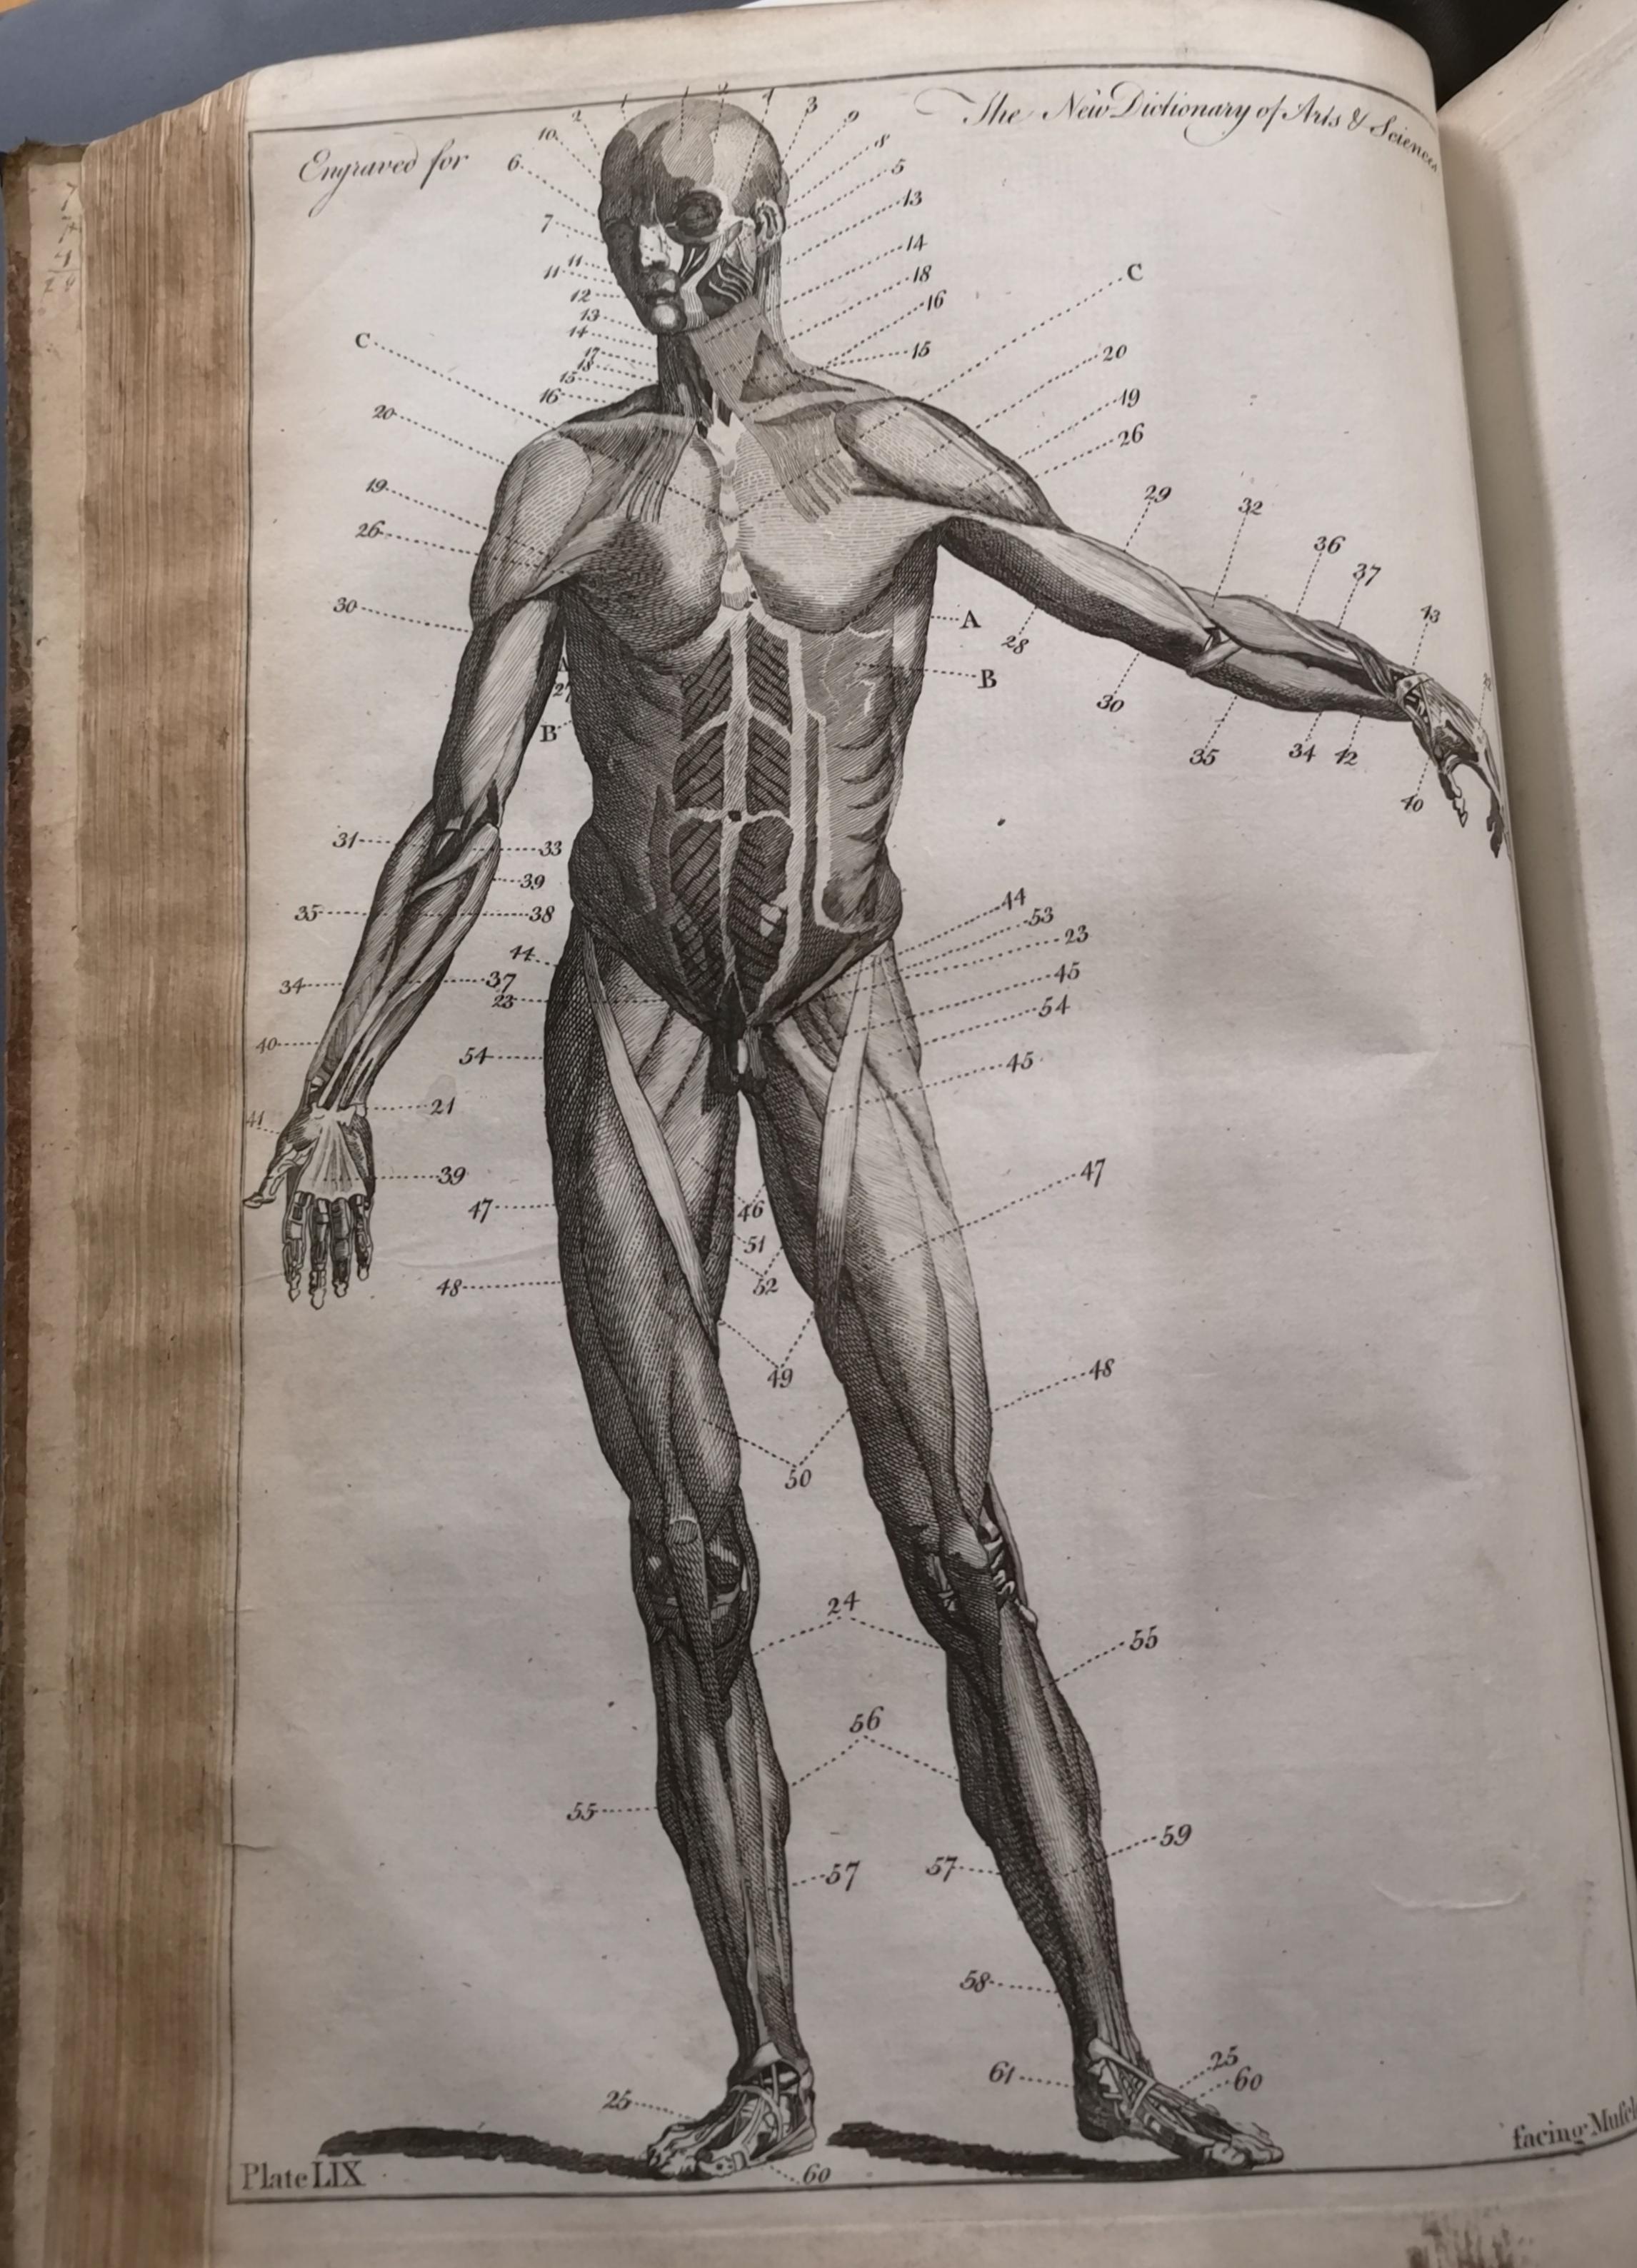 Anatomical drawing of man